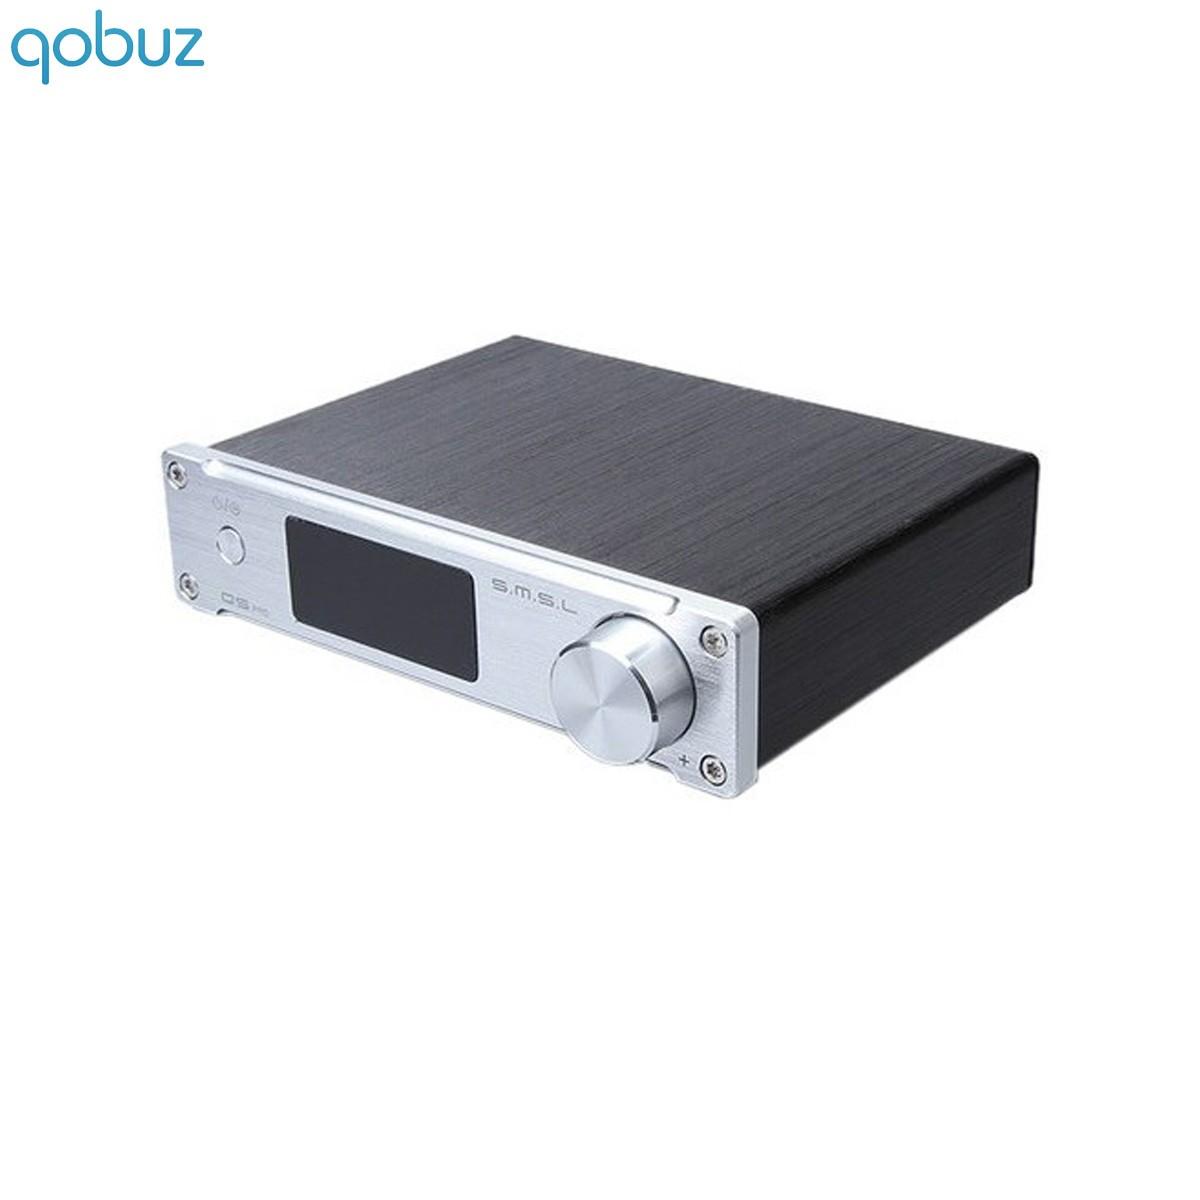 SMSL Q5 PRO Amplificateur FDA TAS5508 2x45W + sortie Subwoofer 4 Ohm CS5341 SA9023 Argent